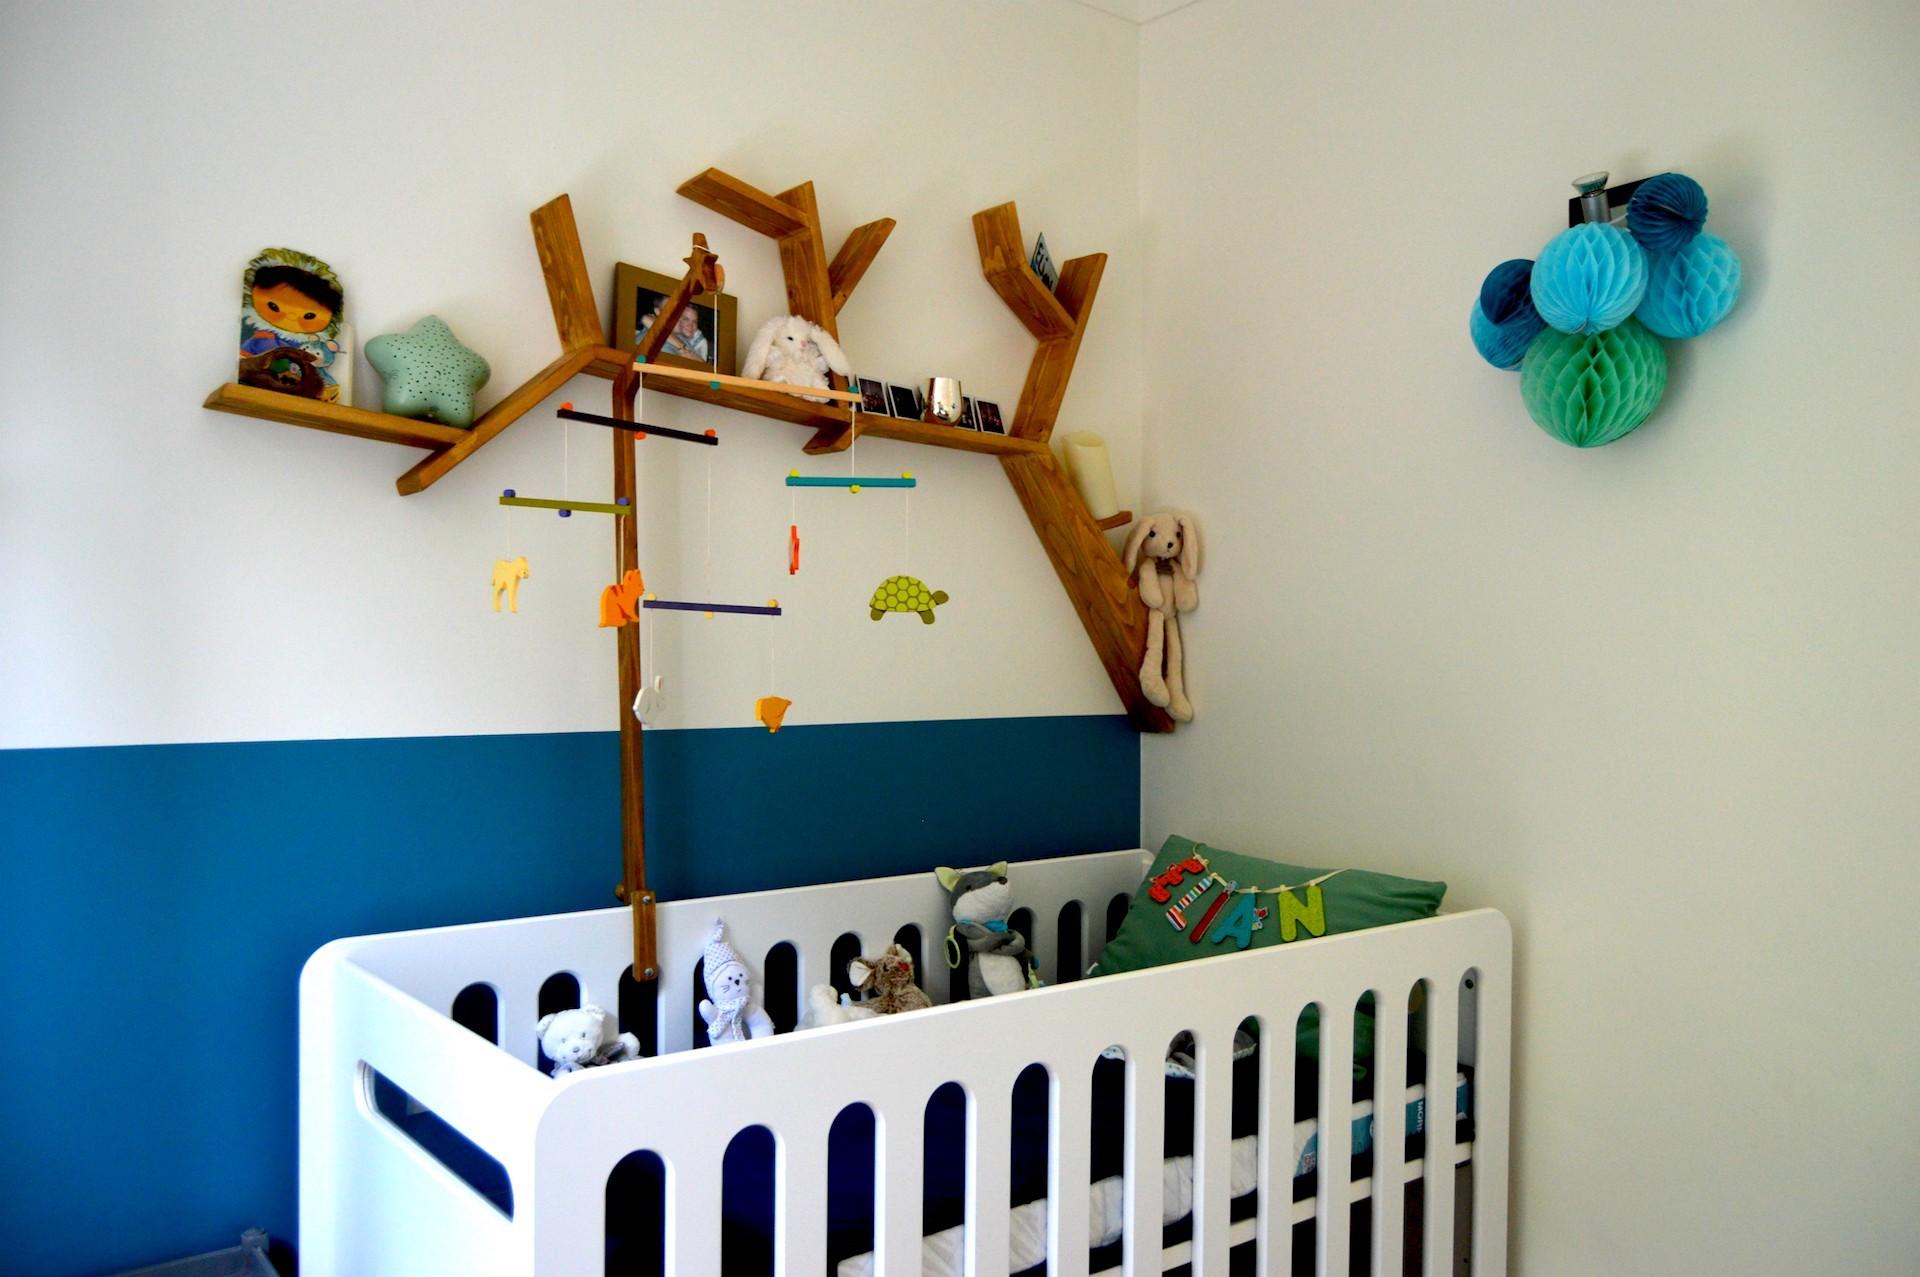 Décoration d'une chambre de bébé à Vence par Sylvie Aldebert, Décoratrice UFDI sur Antibes, Cagnes-sur-mer, Grasse, Nice 06